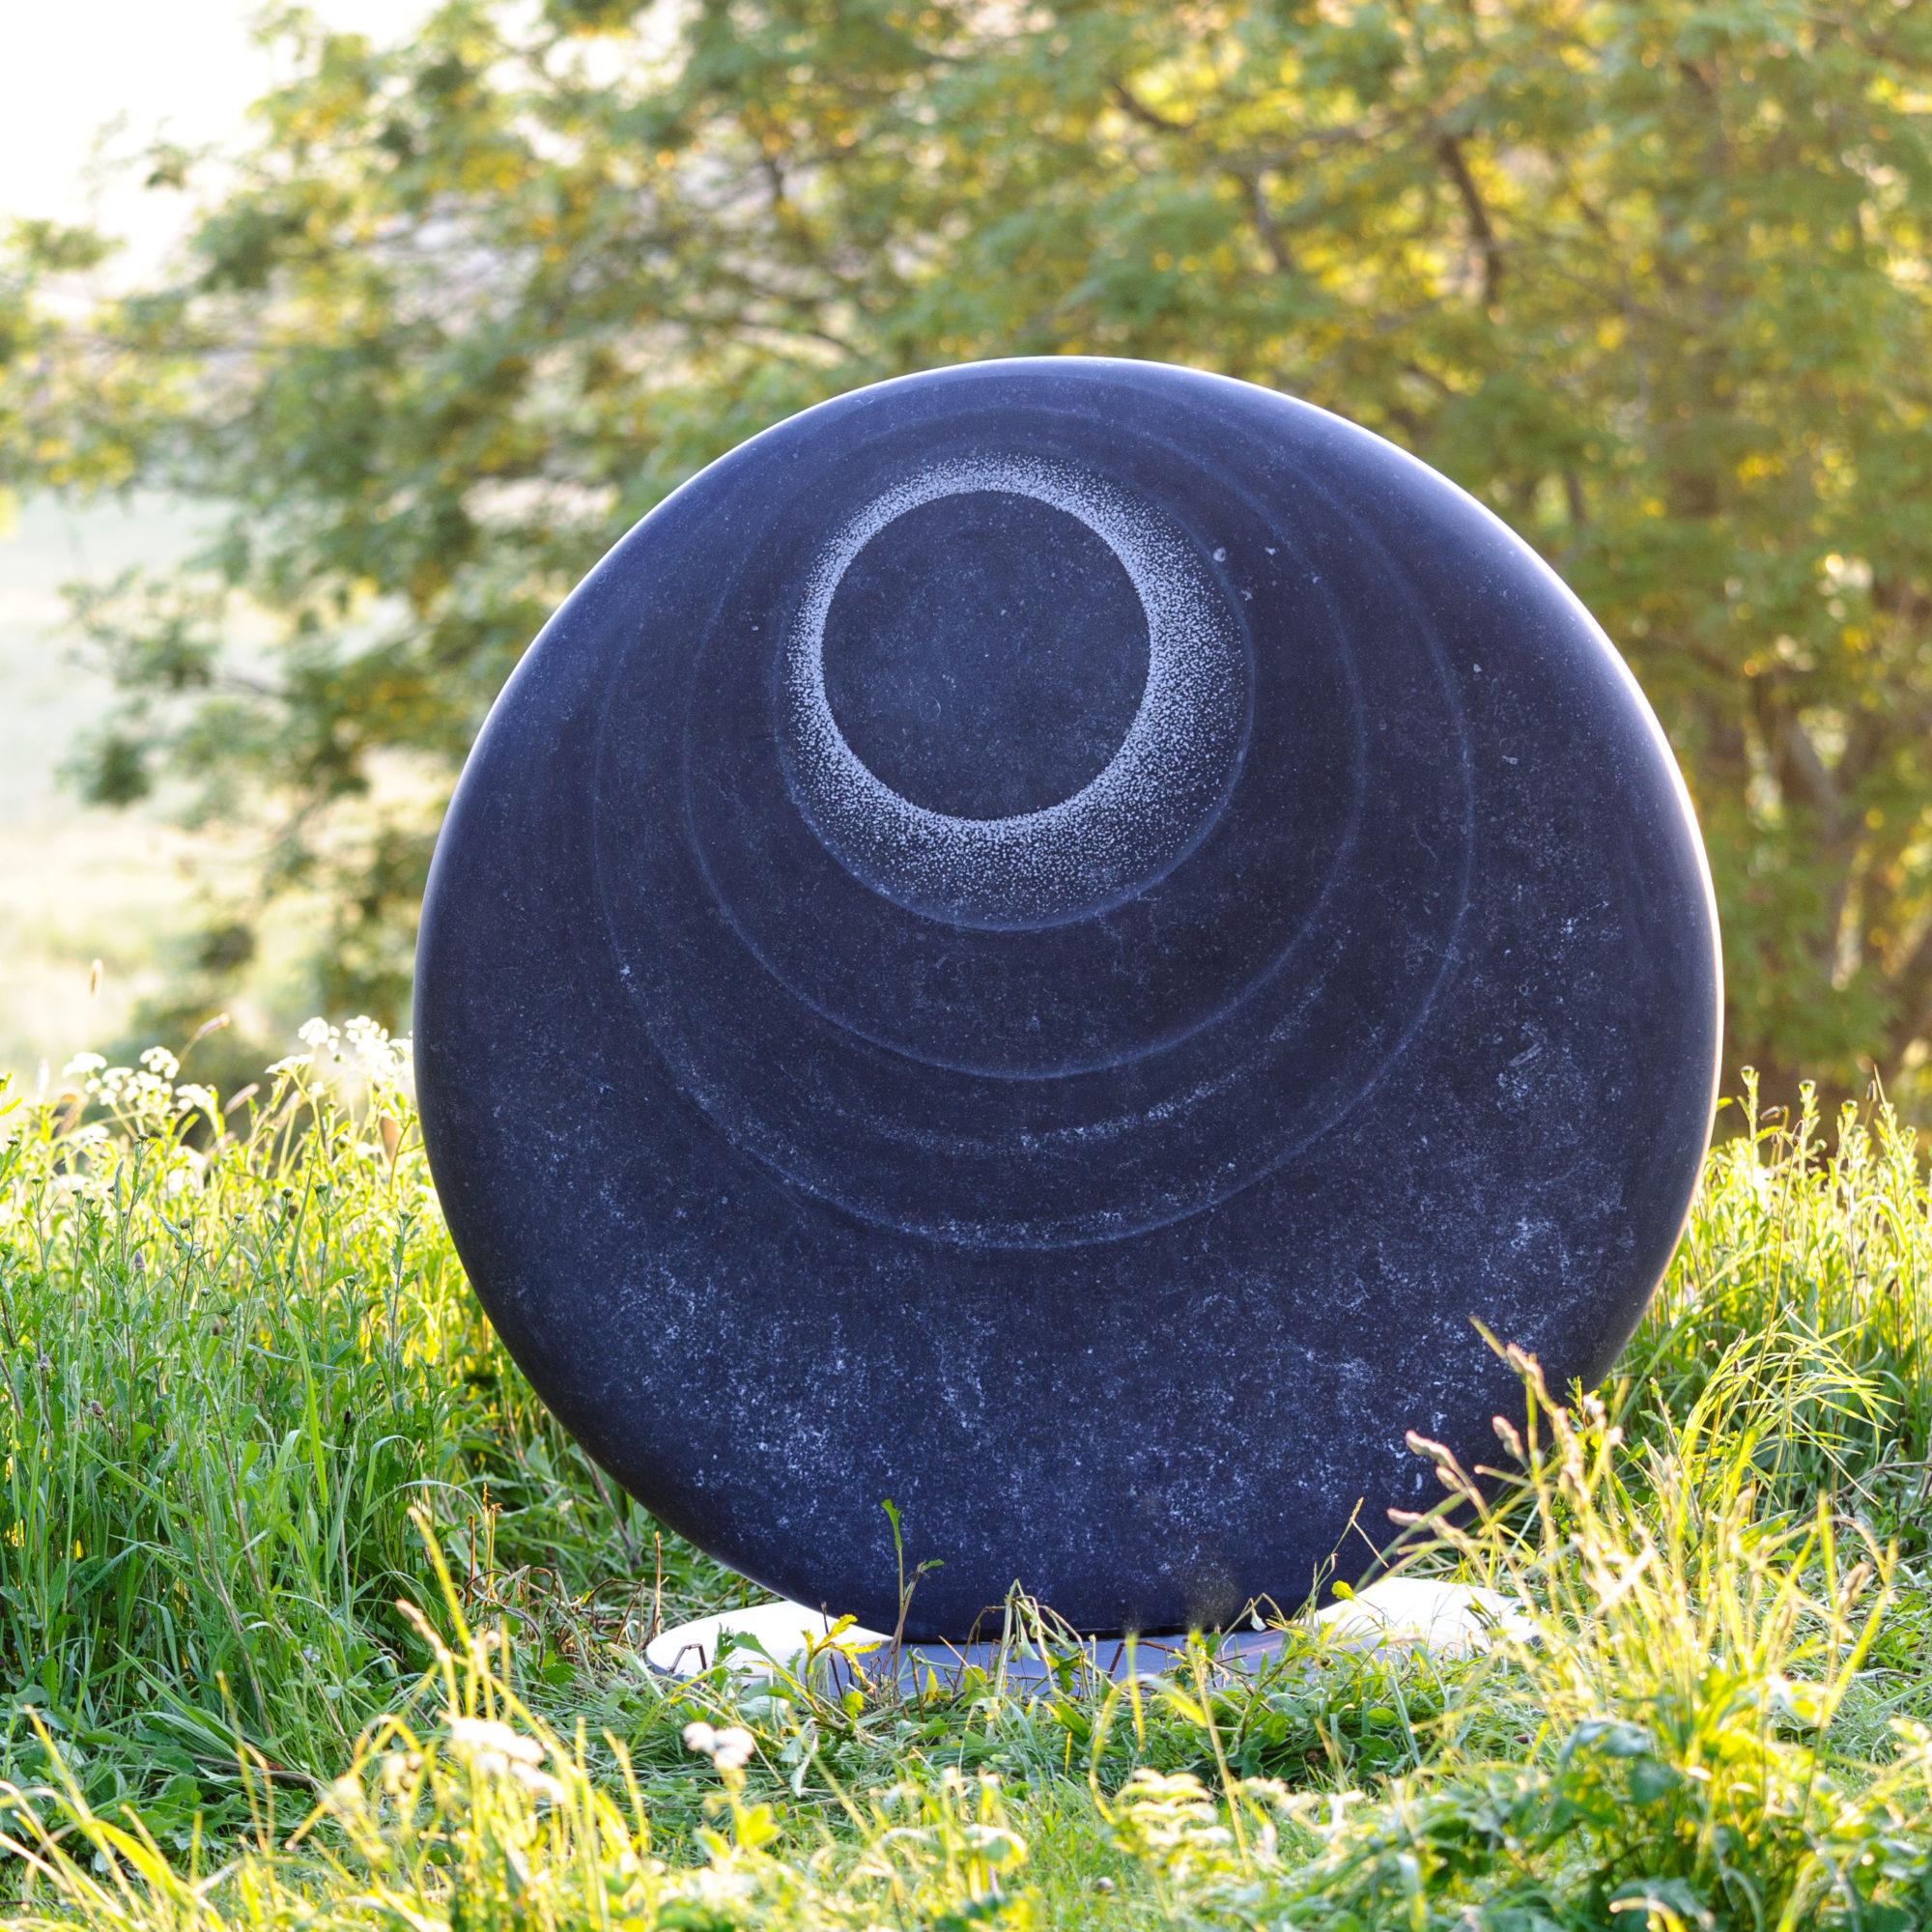 Cycladic Moon image